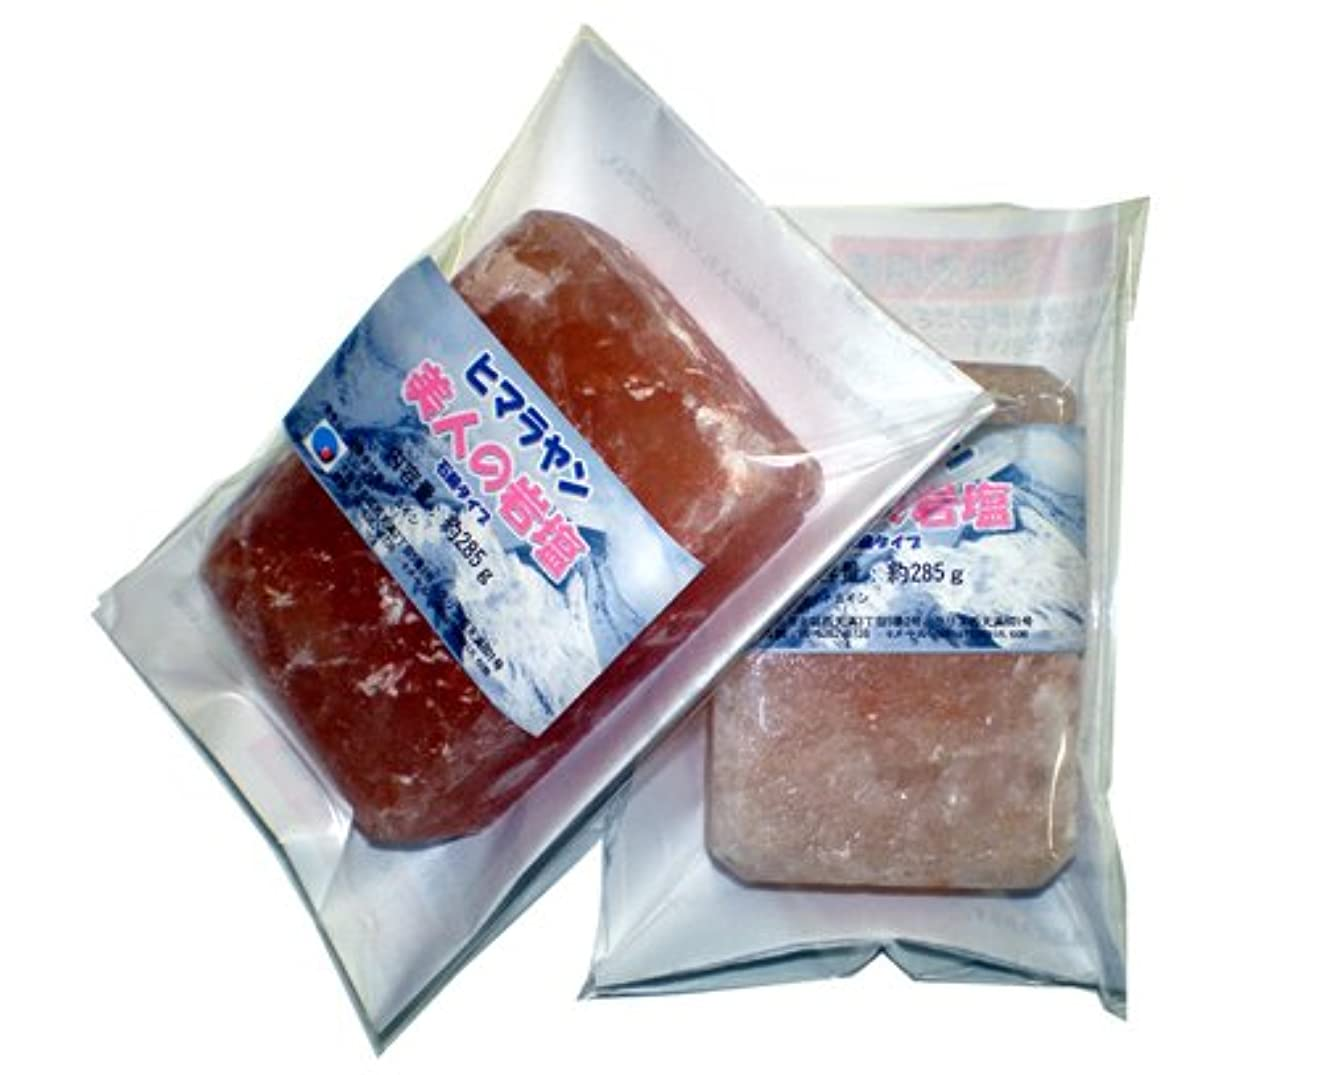 美人の岩塩(ヒマラヤピンク岩塩 石鹸型)